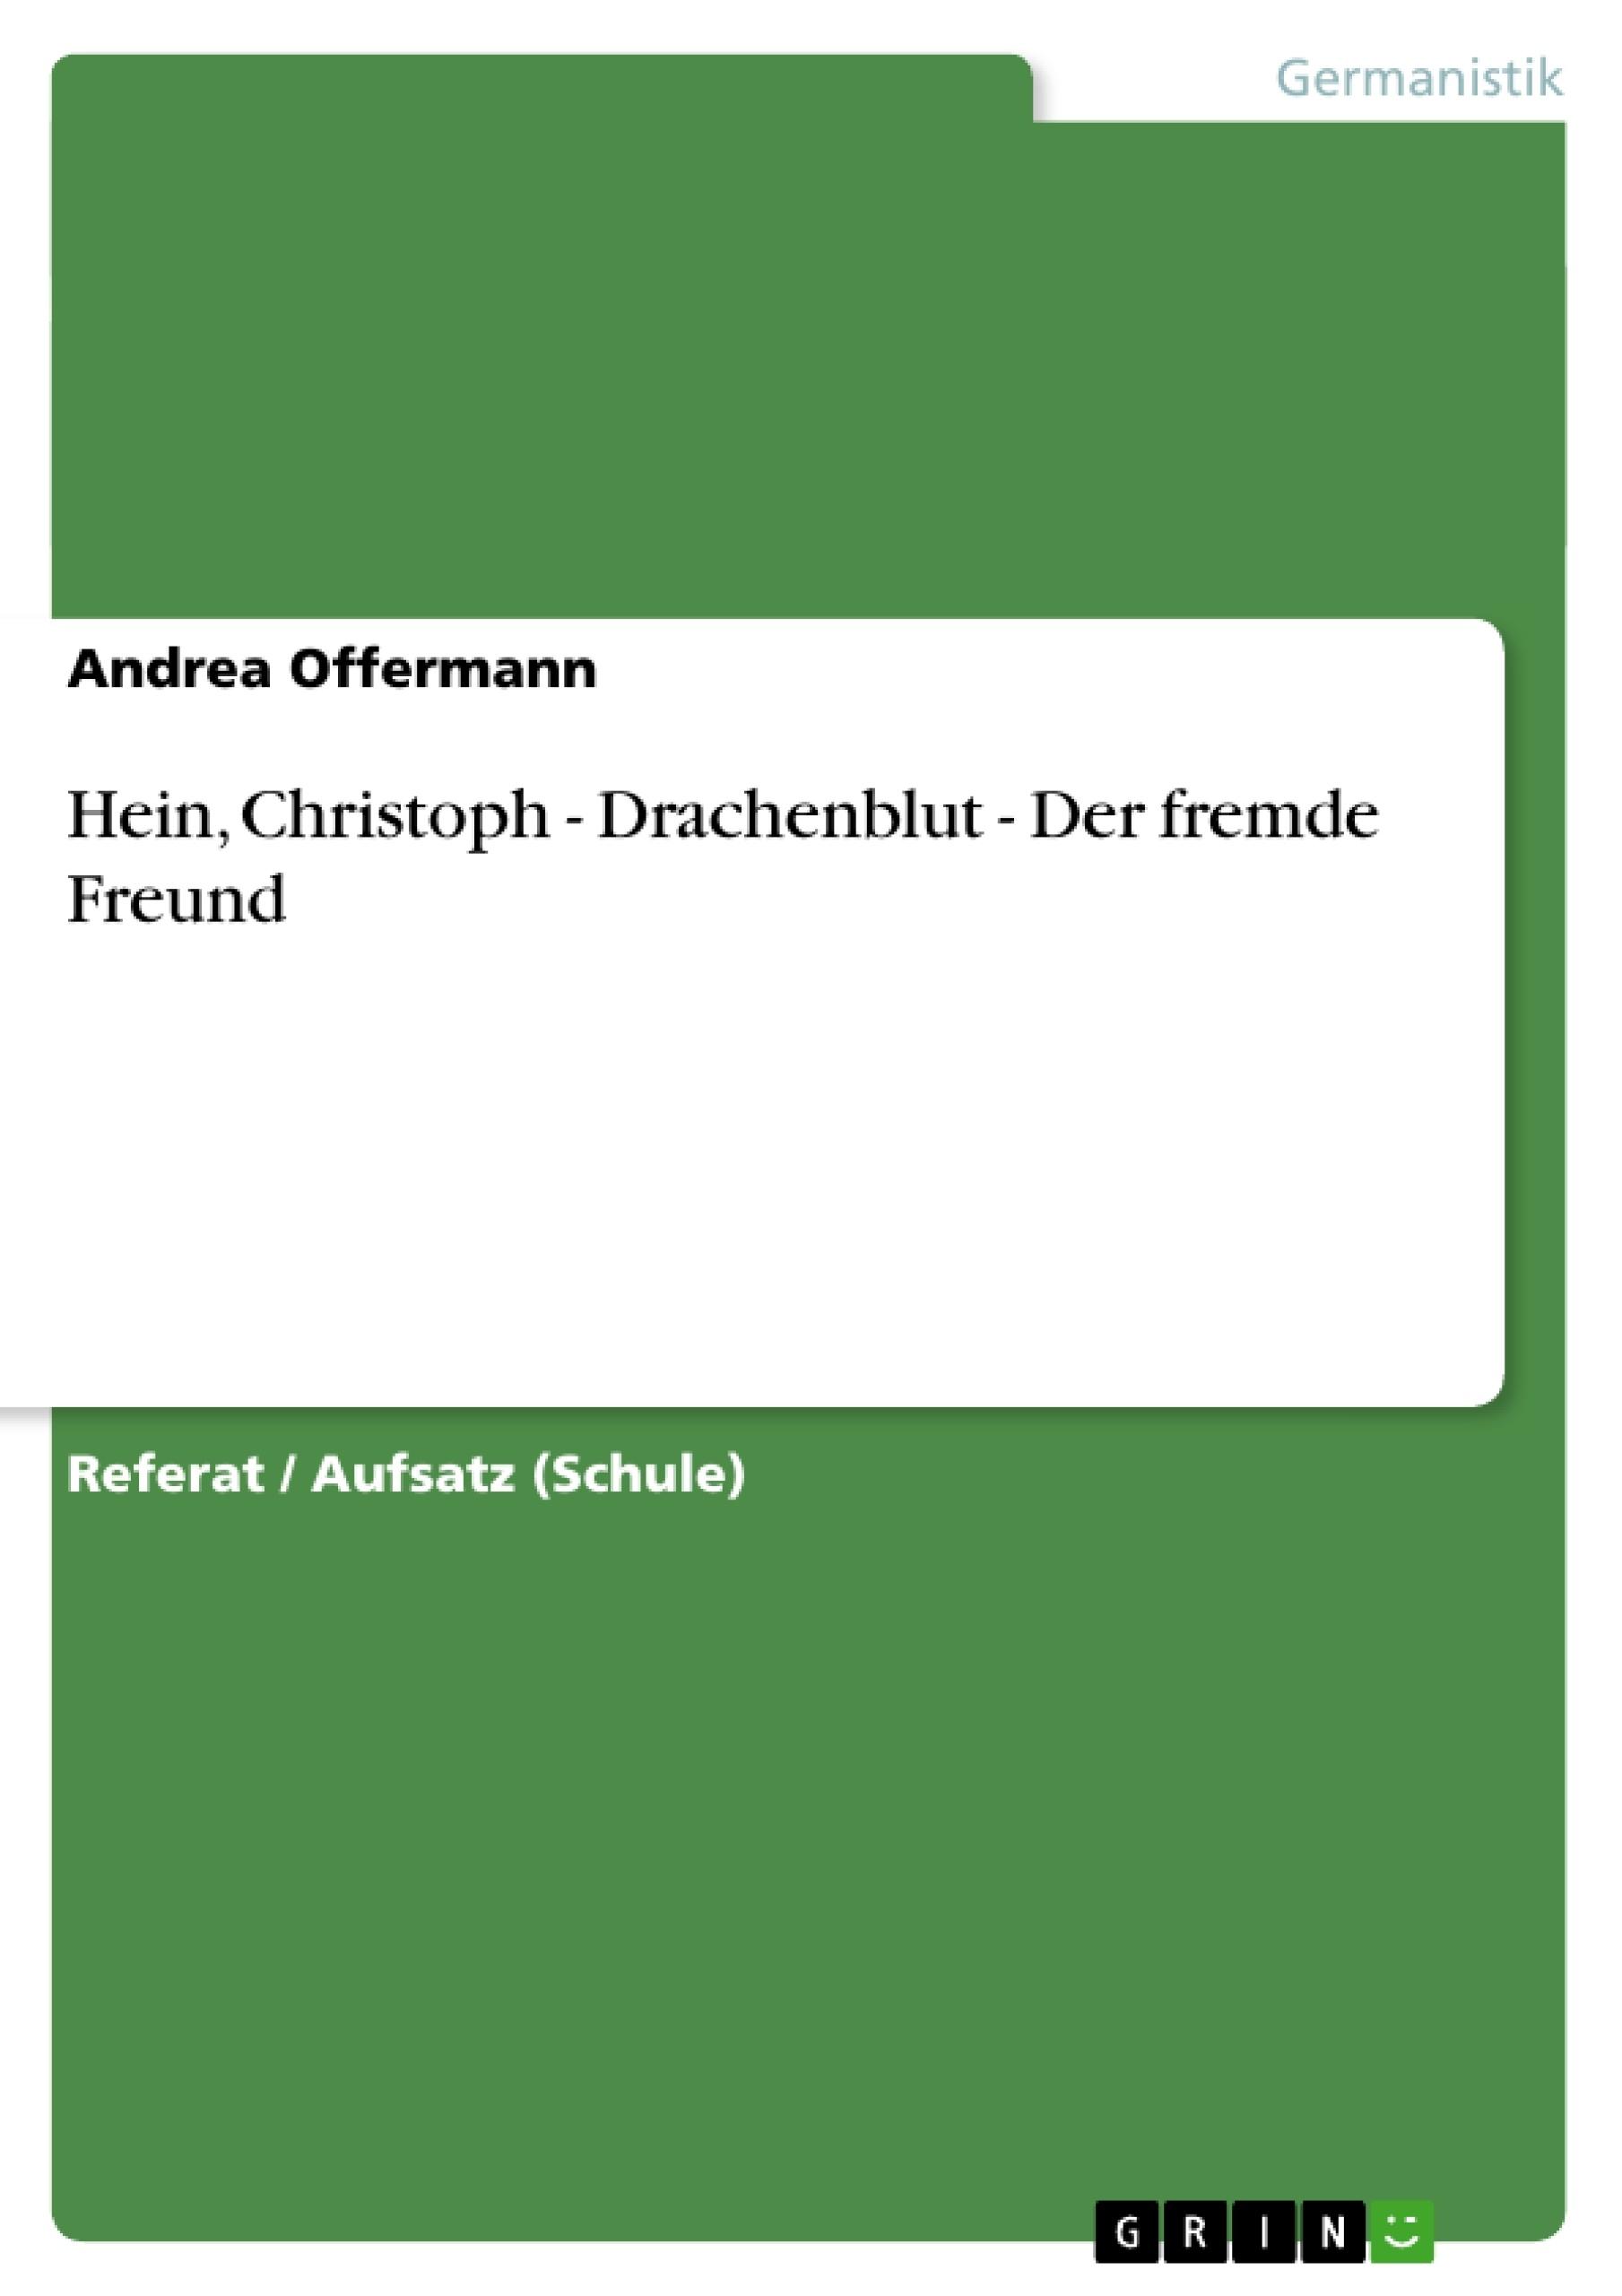 Titel: Hein, Christoph - Drachenblut - Der fremde Freund